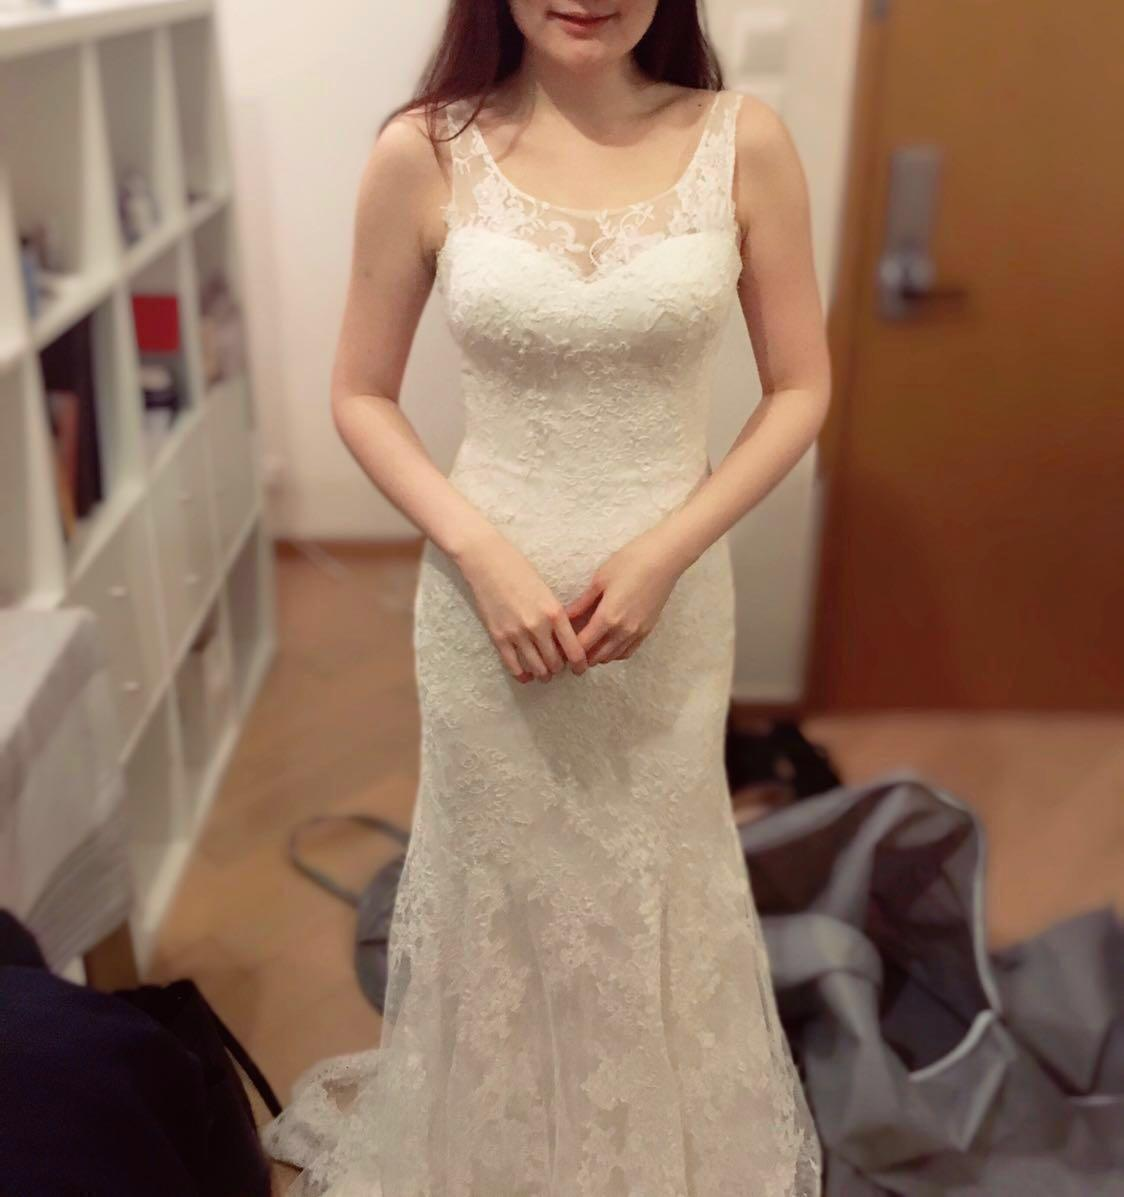 1.618 全lace wedding gown 婚紗